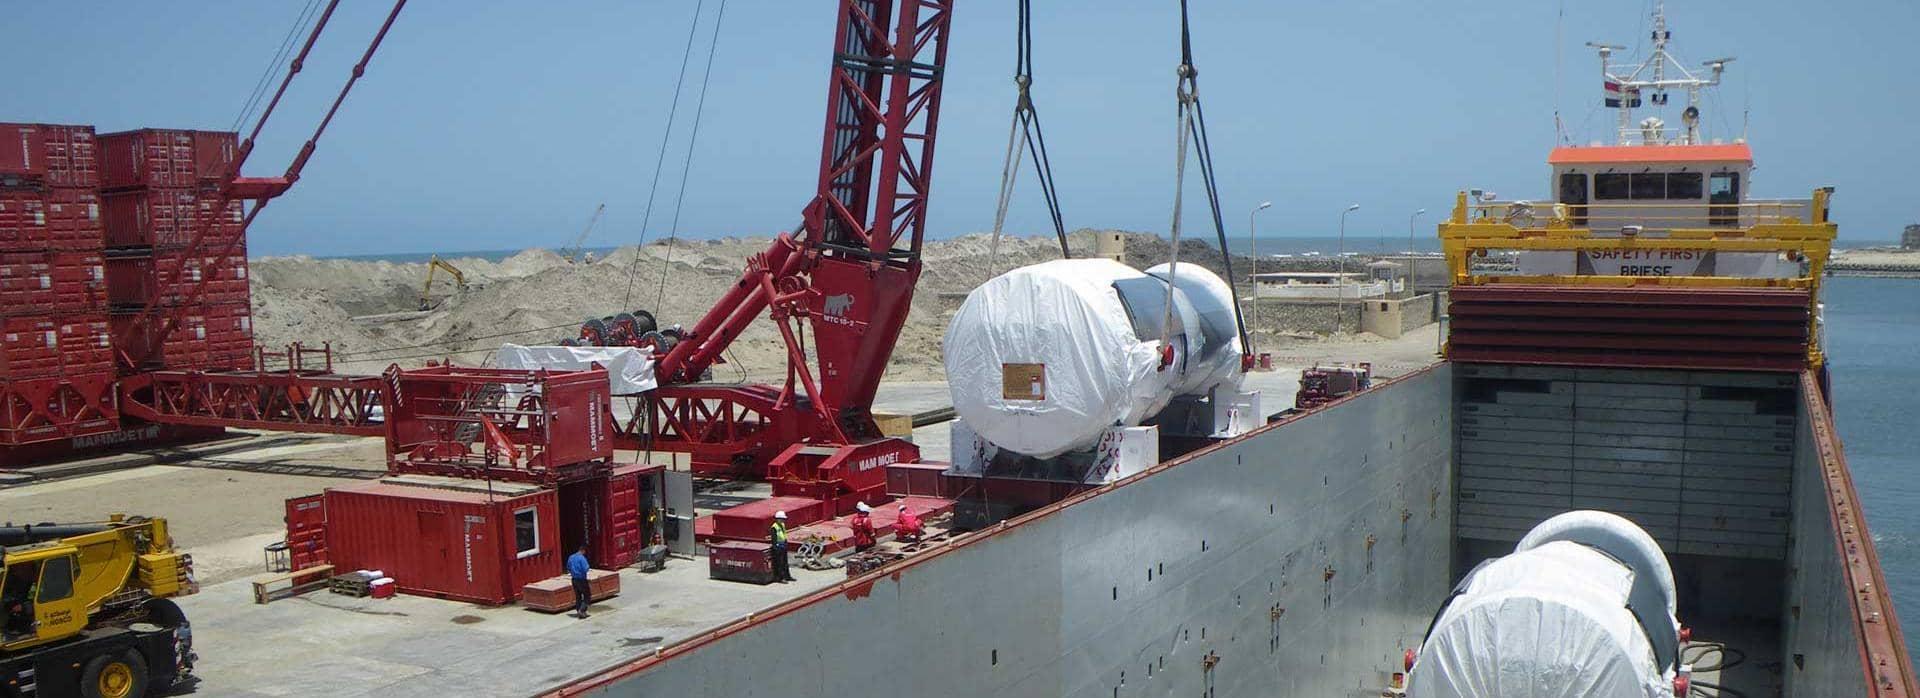 600-тонный кран разгружает турбины в порту Беруллус